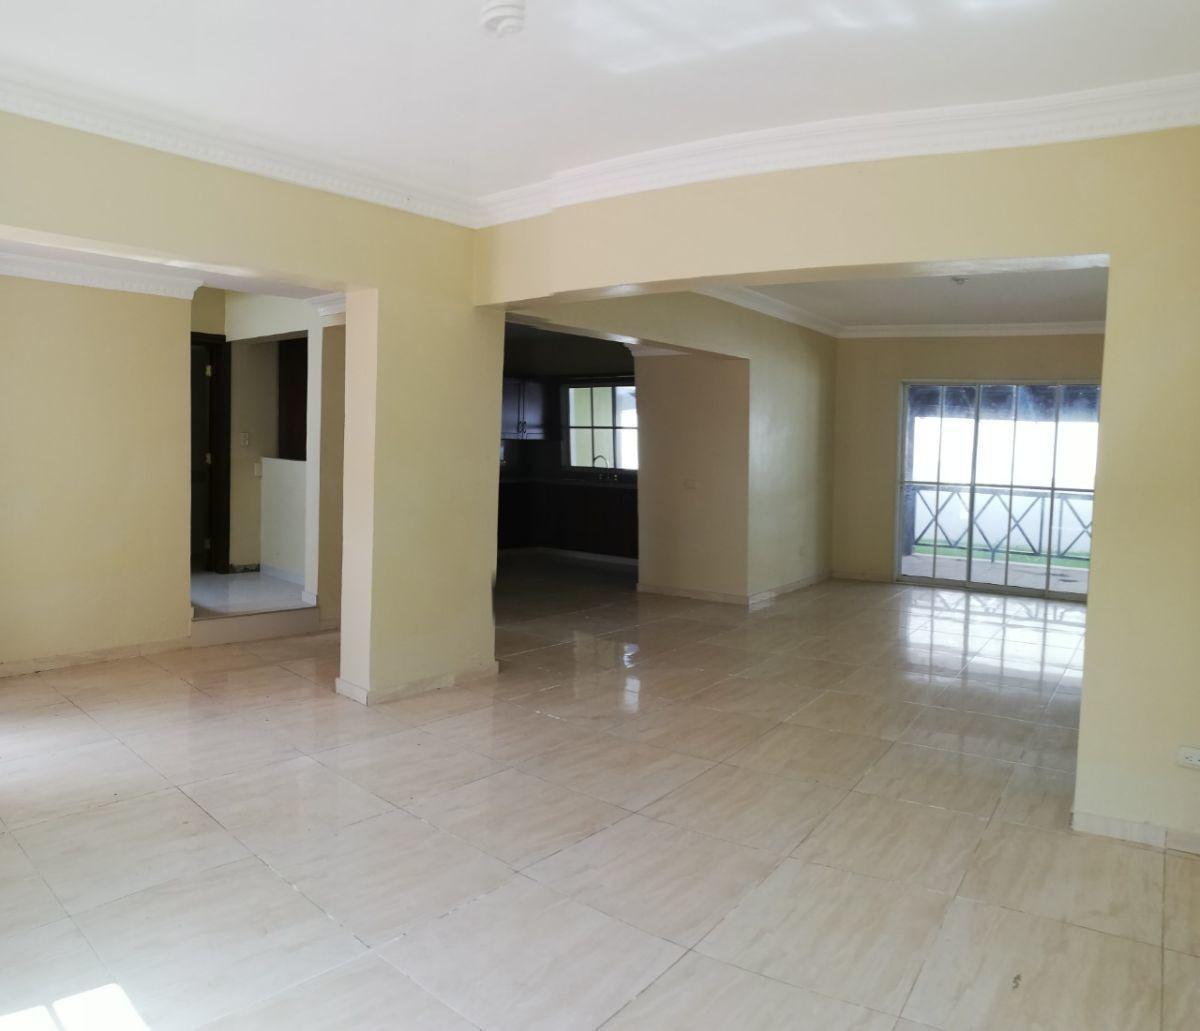 casa duplex con patio y sotano en residencial cerrado arroyo hondo